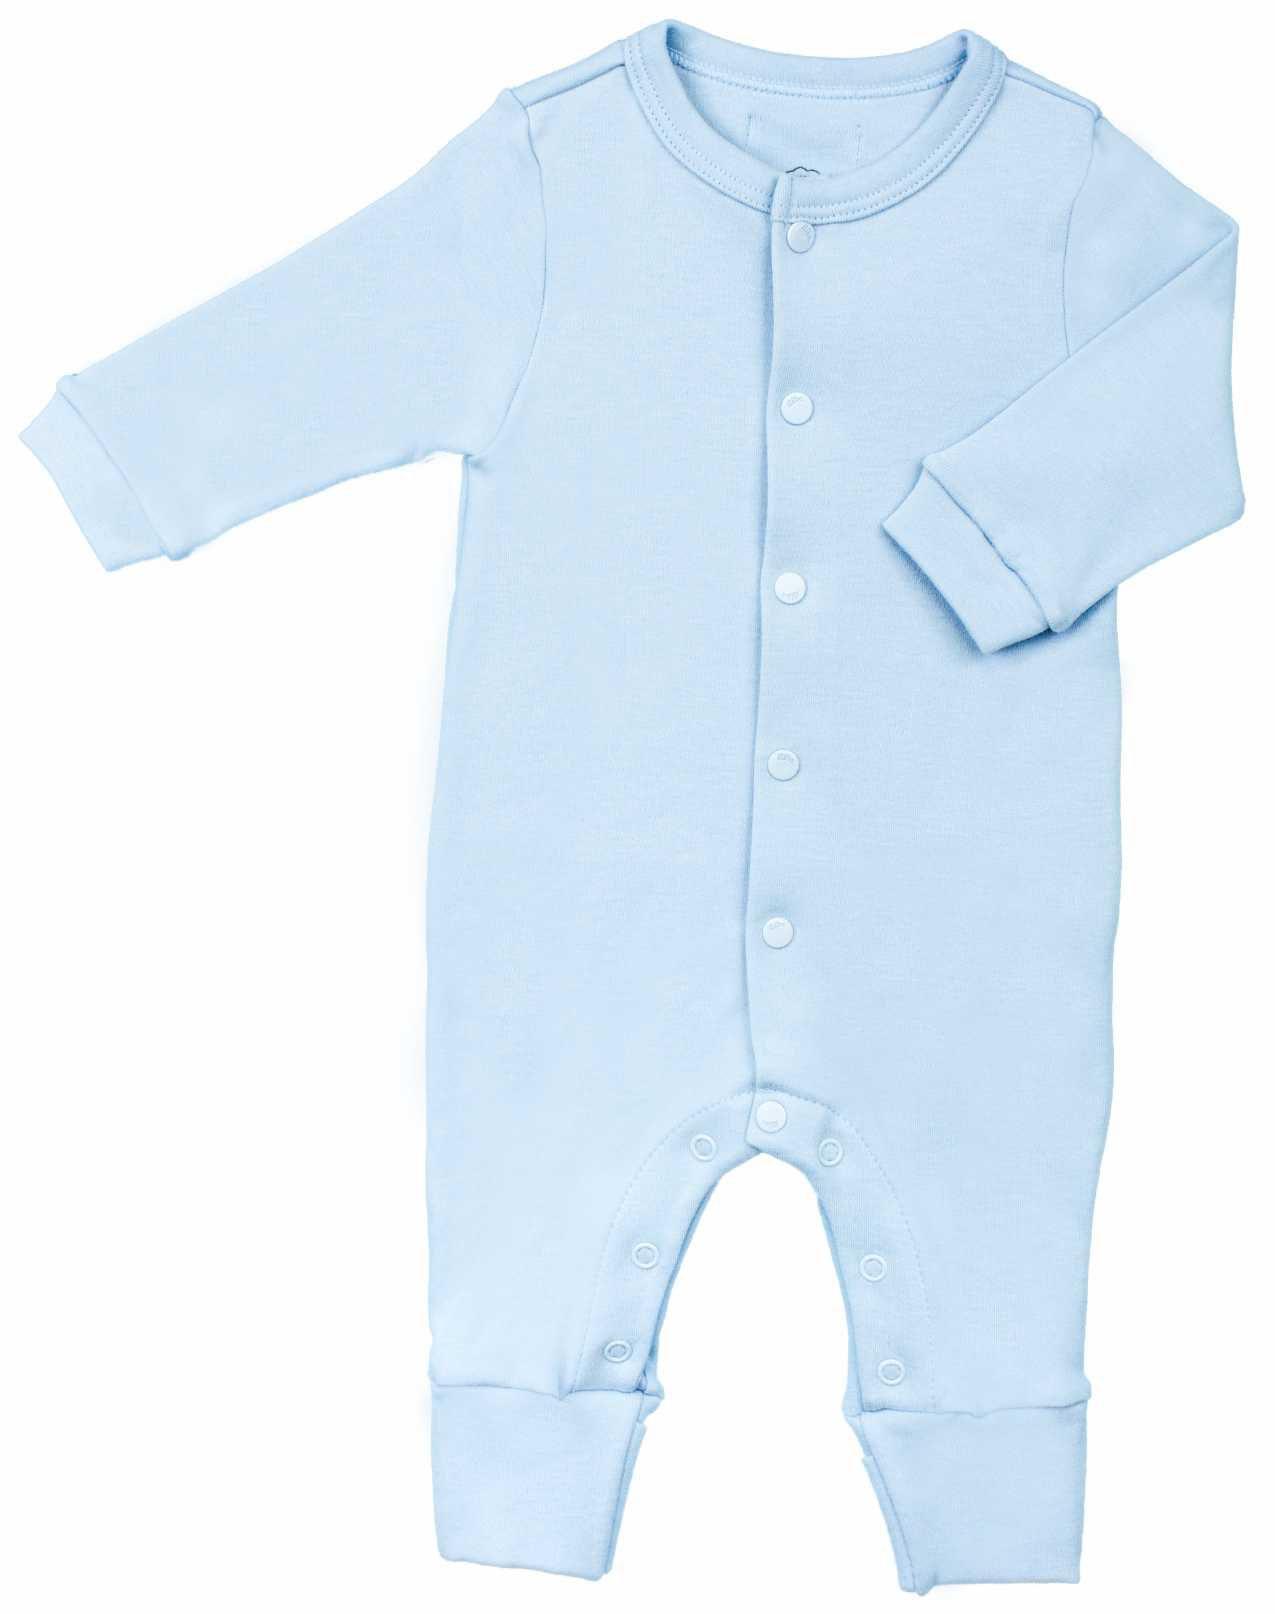 Macacão Unissex Bebê Básico Aberto na frente 100% Algodão BY BIBE